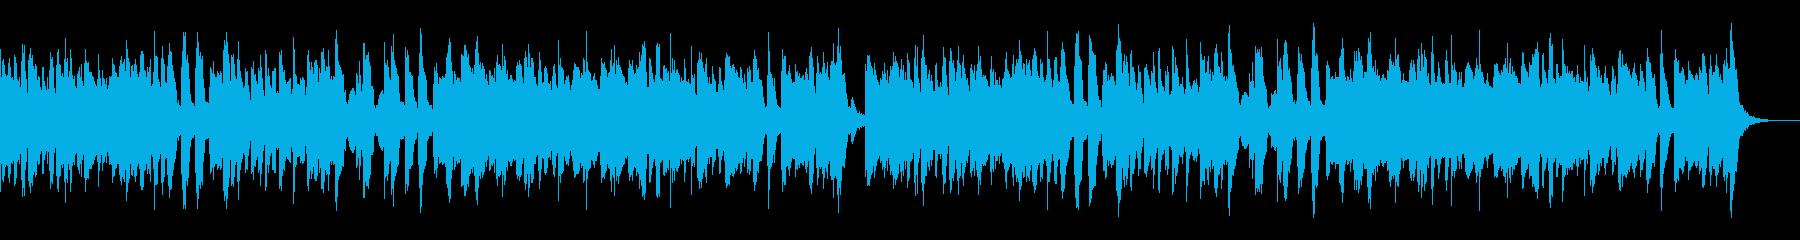 キッズ用動画等に ファンファーレ風マーチの再生済みの波形